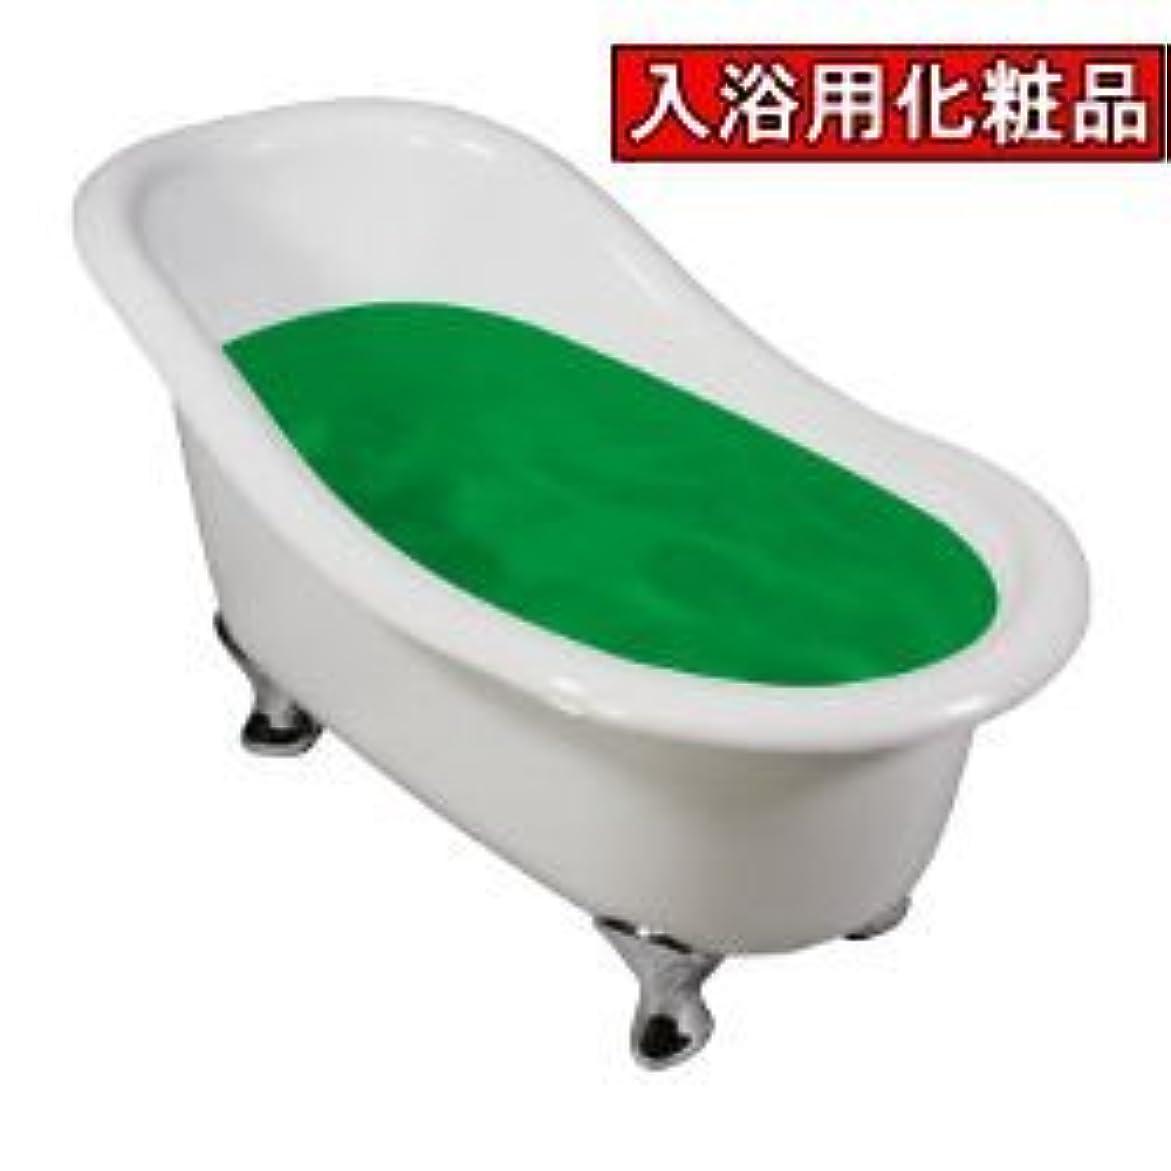 不格好人生を作る骨折業務用入浴剤イヴタス 緑茶 17kg 業務用サイズ